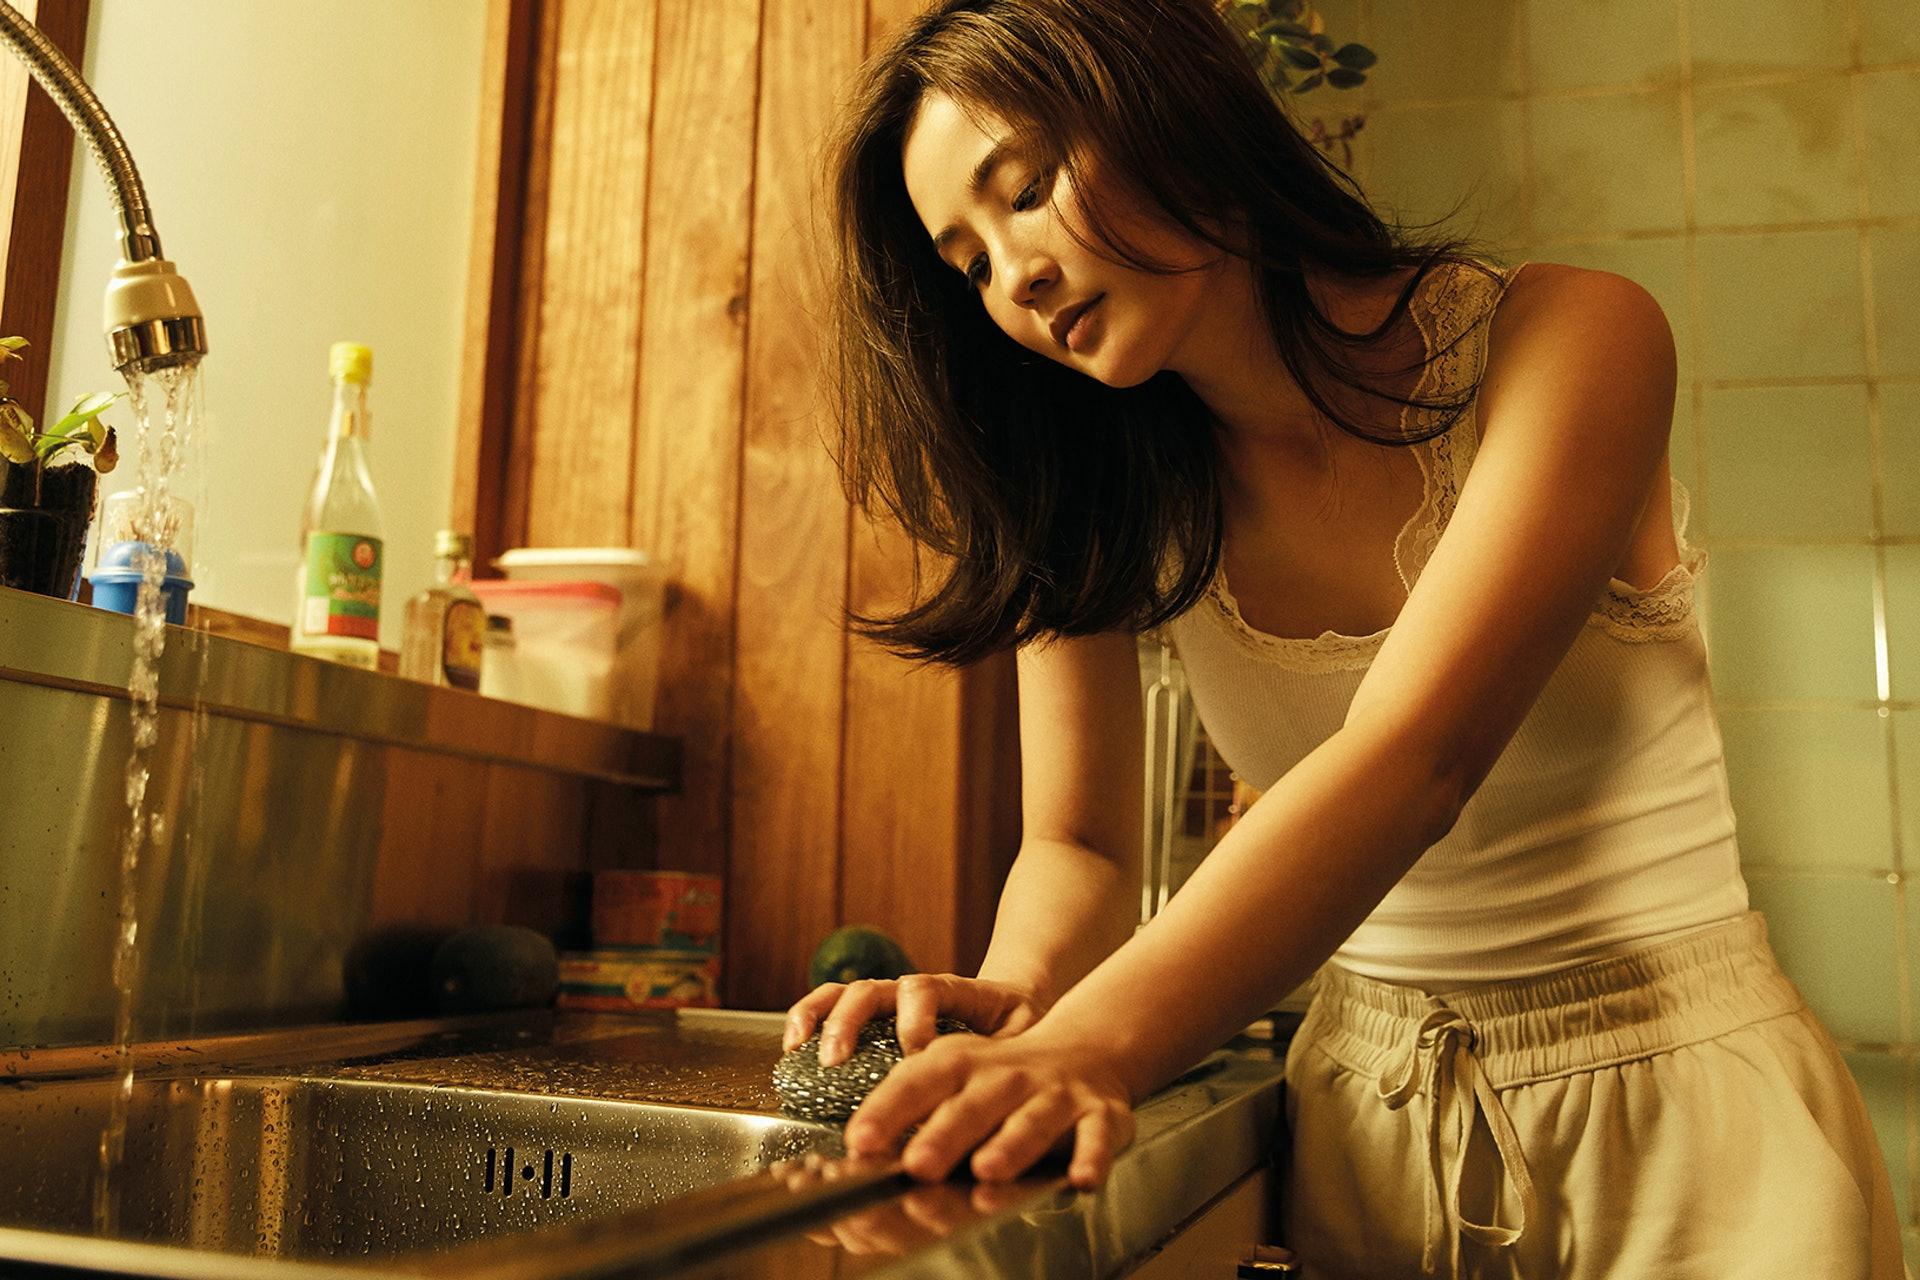 相集主題是《非分安分》,以廚房為主場景,帶出在這空間有不少「非分」的想法。